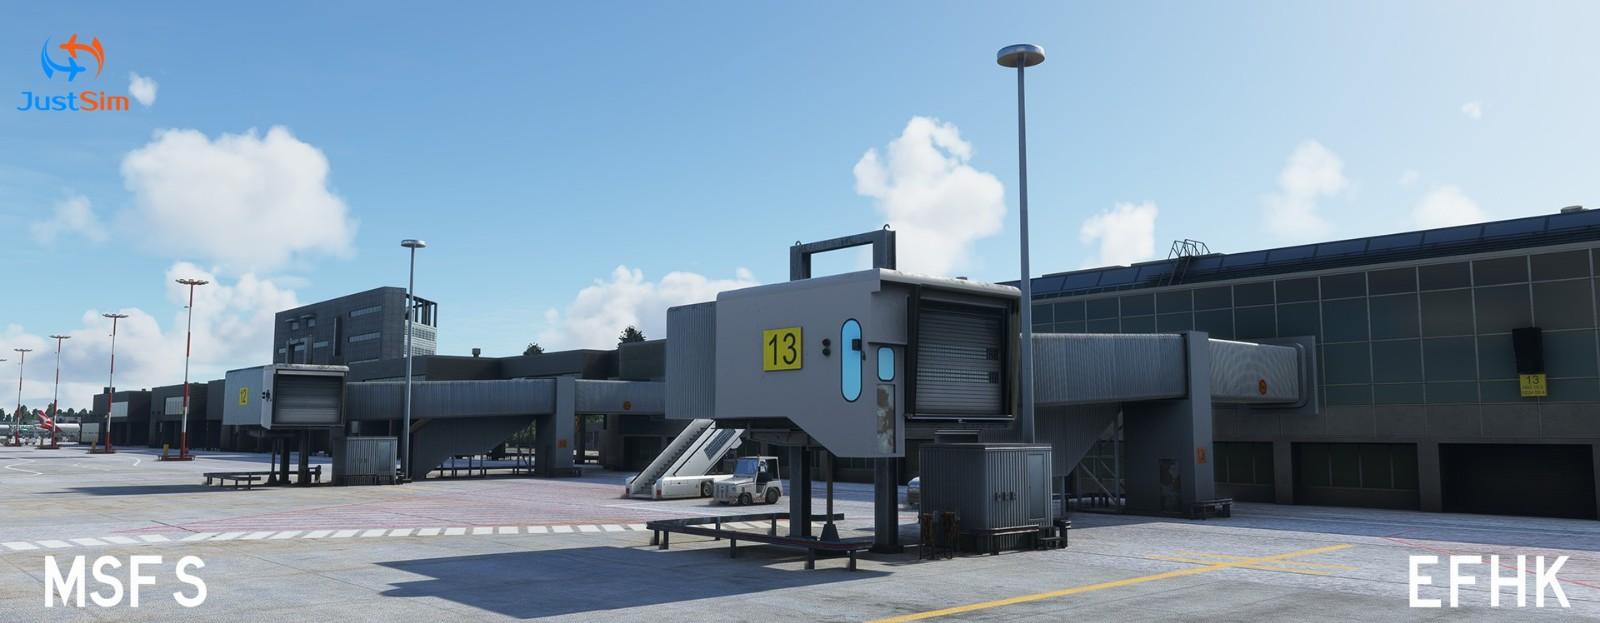 北欧交通枢纽《微软飞行模拟》赫尔辛基机场包推出